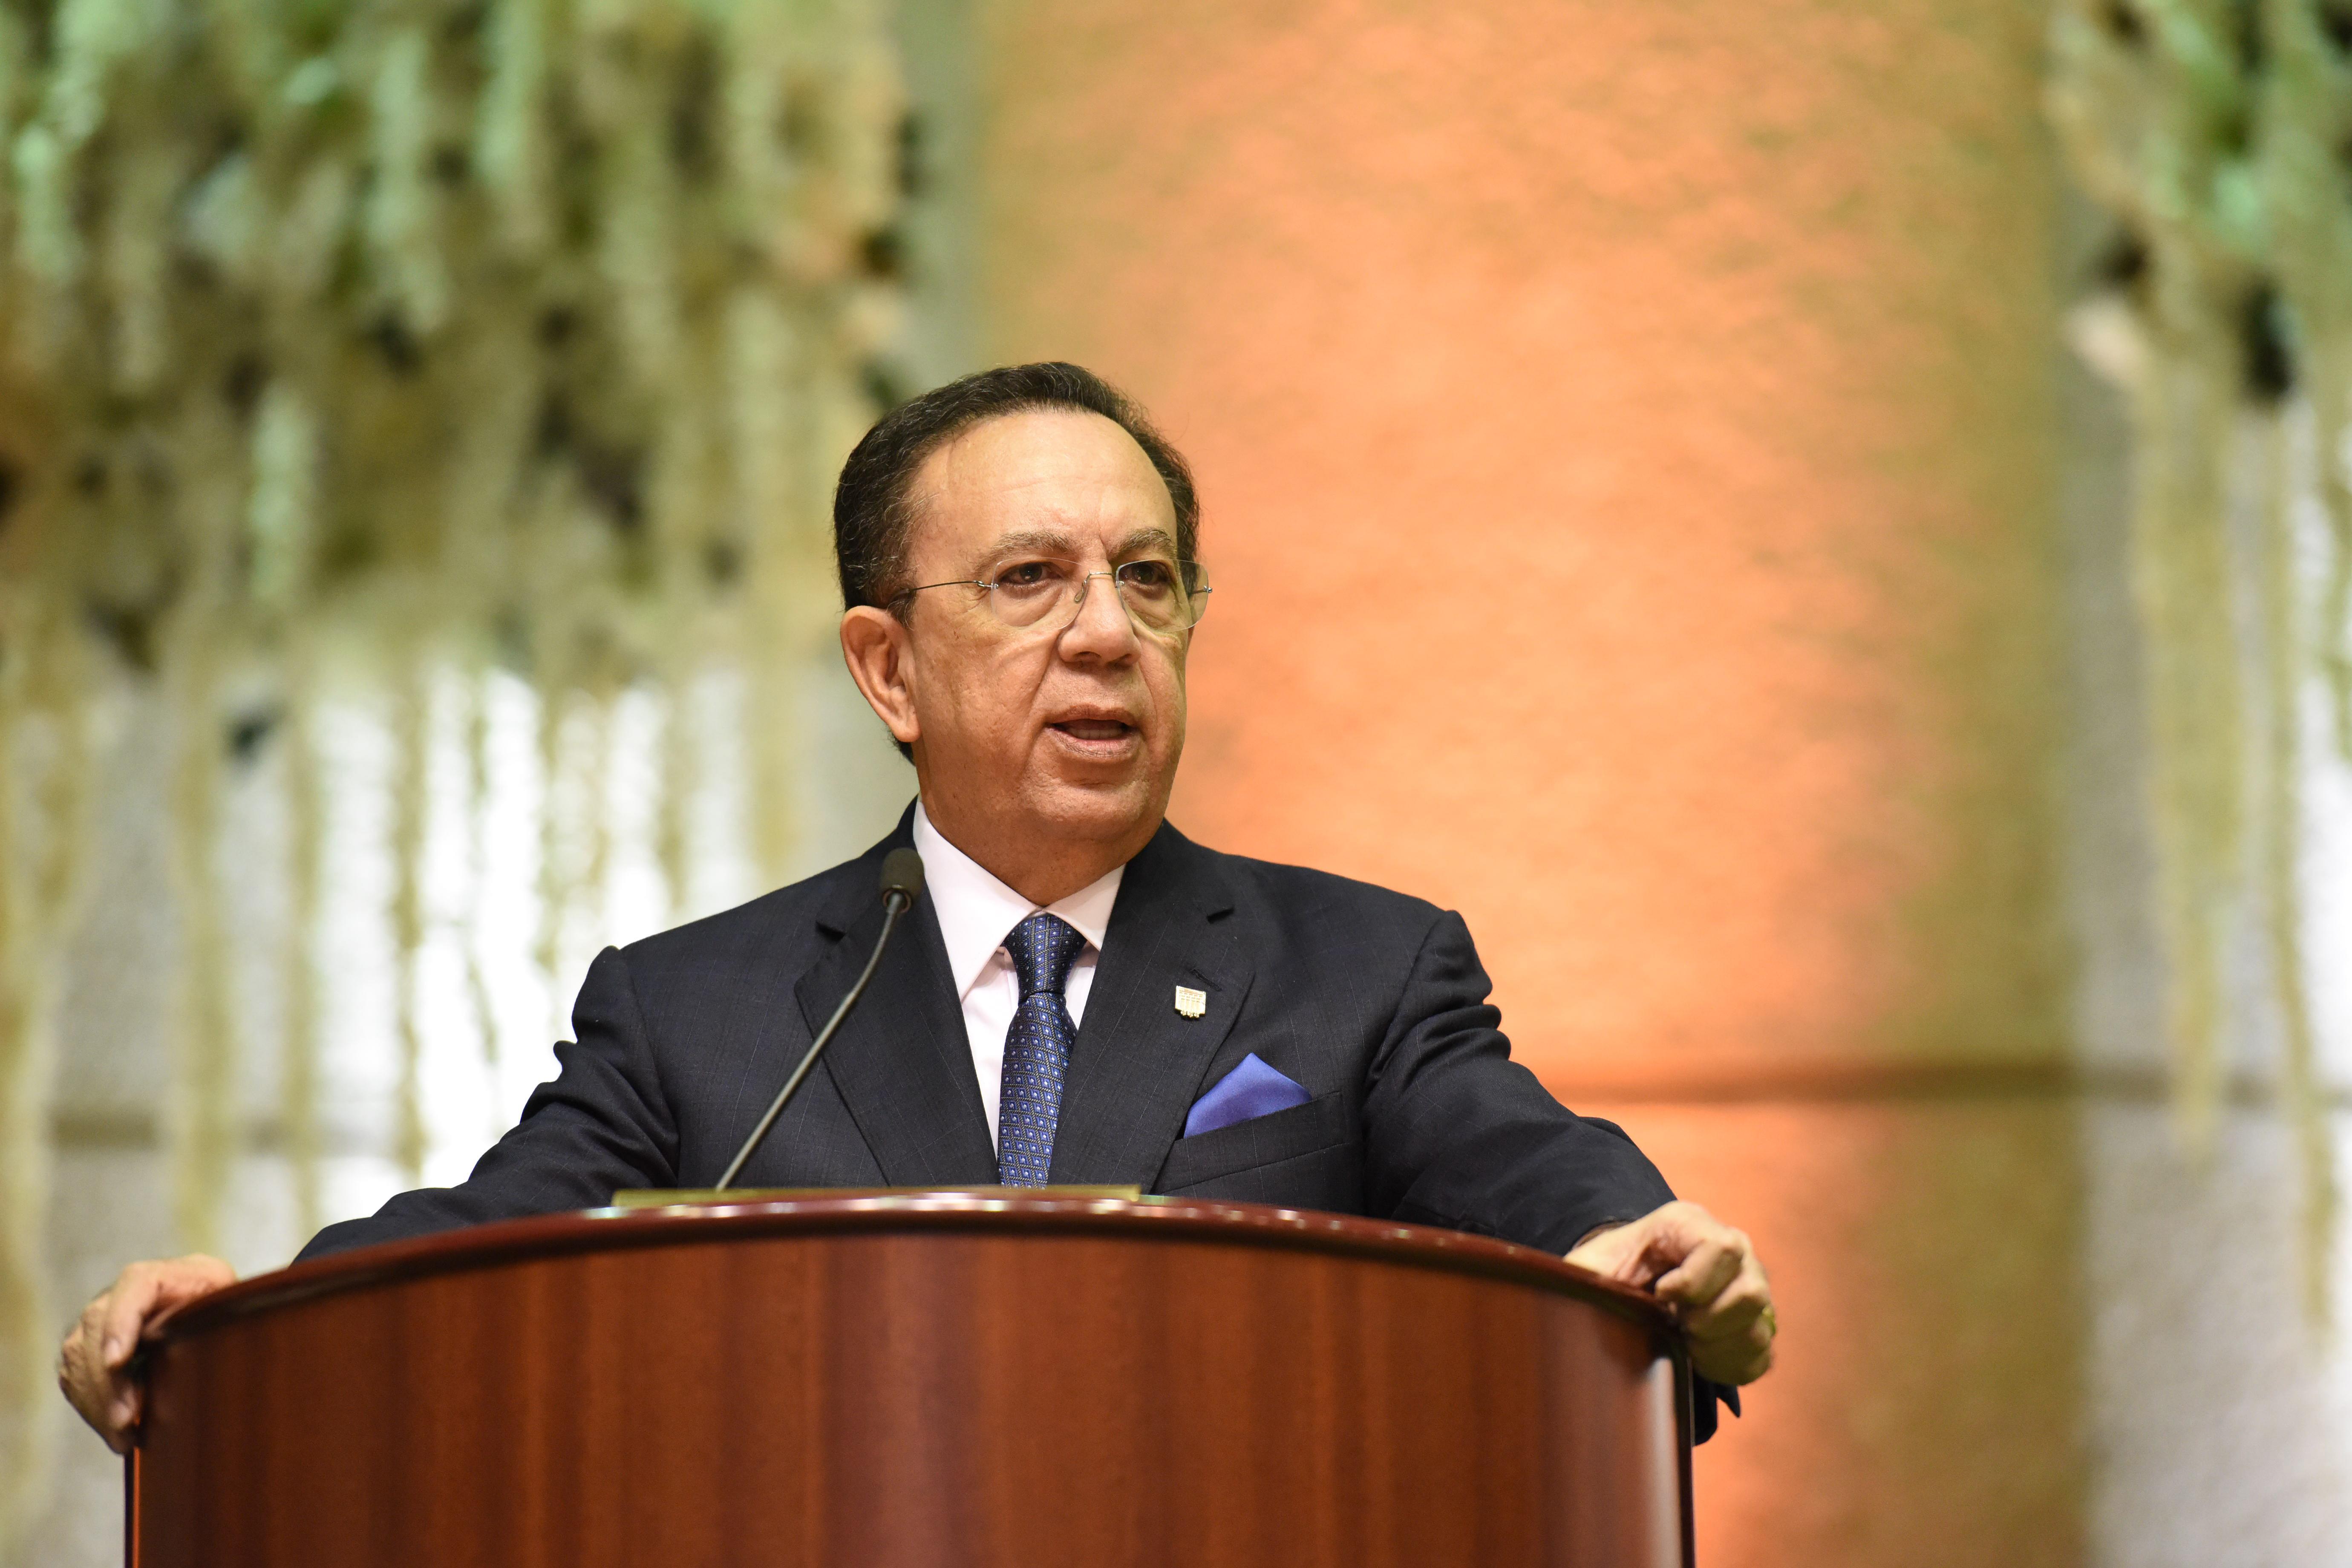 Economía dominicana creció 4.7% hasta junio 2019, según Banco Central